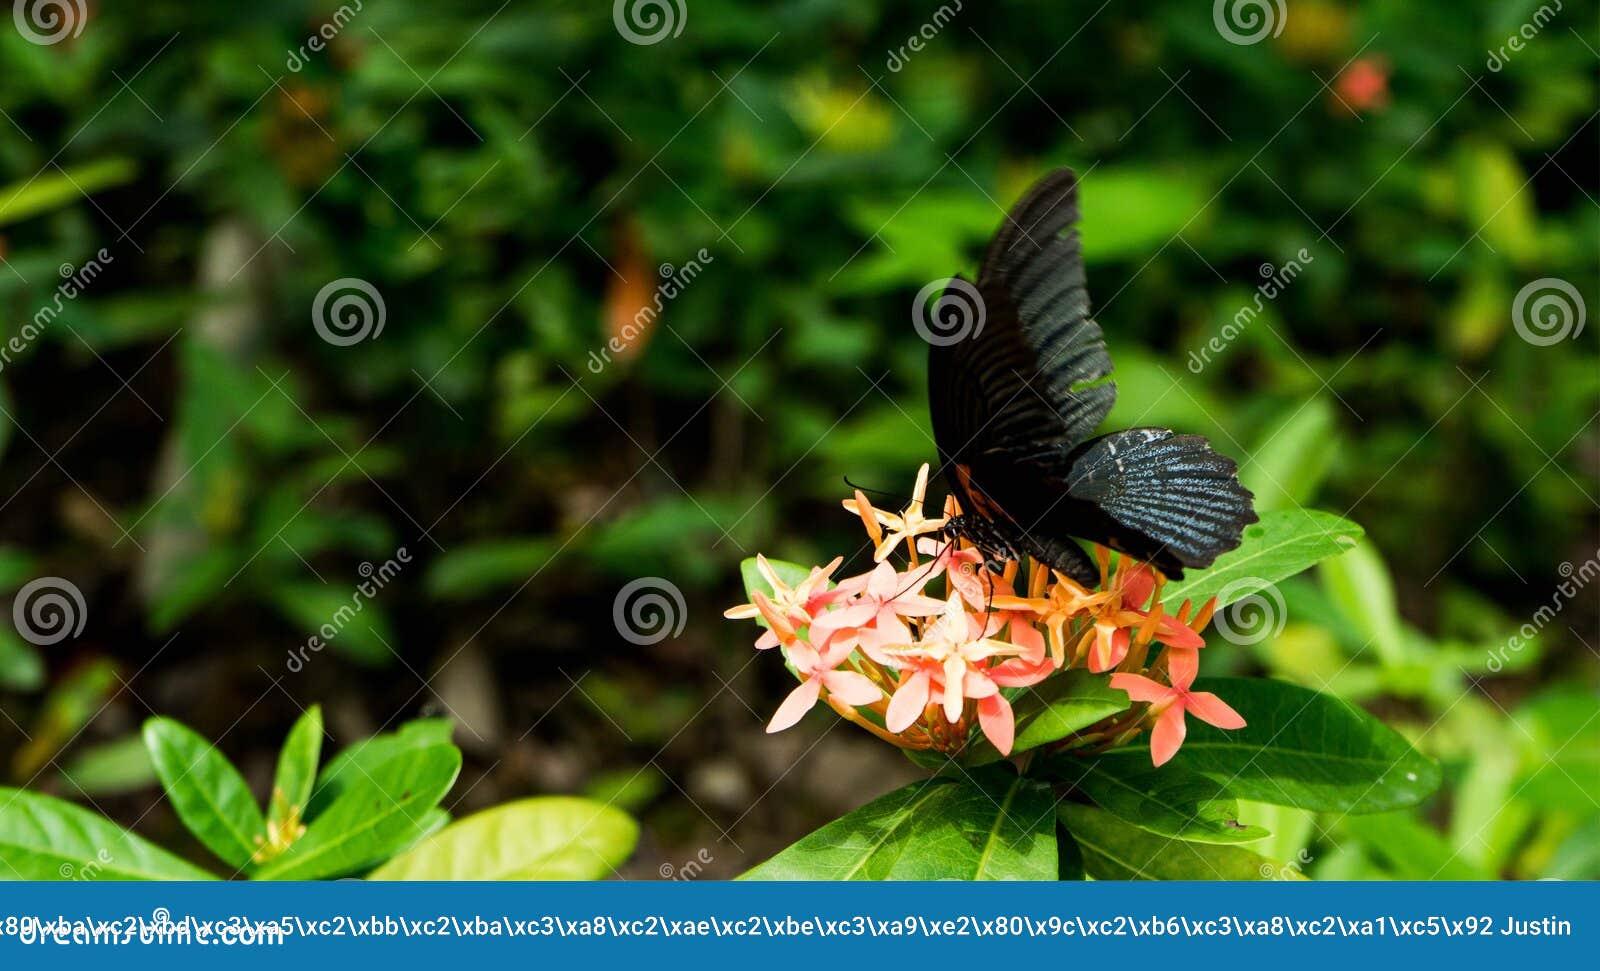 Mariposa en naturaleza